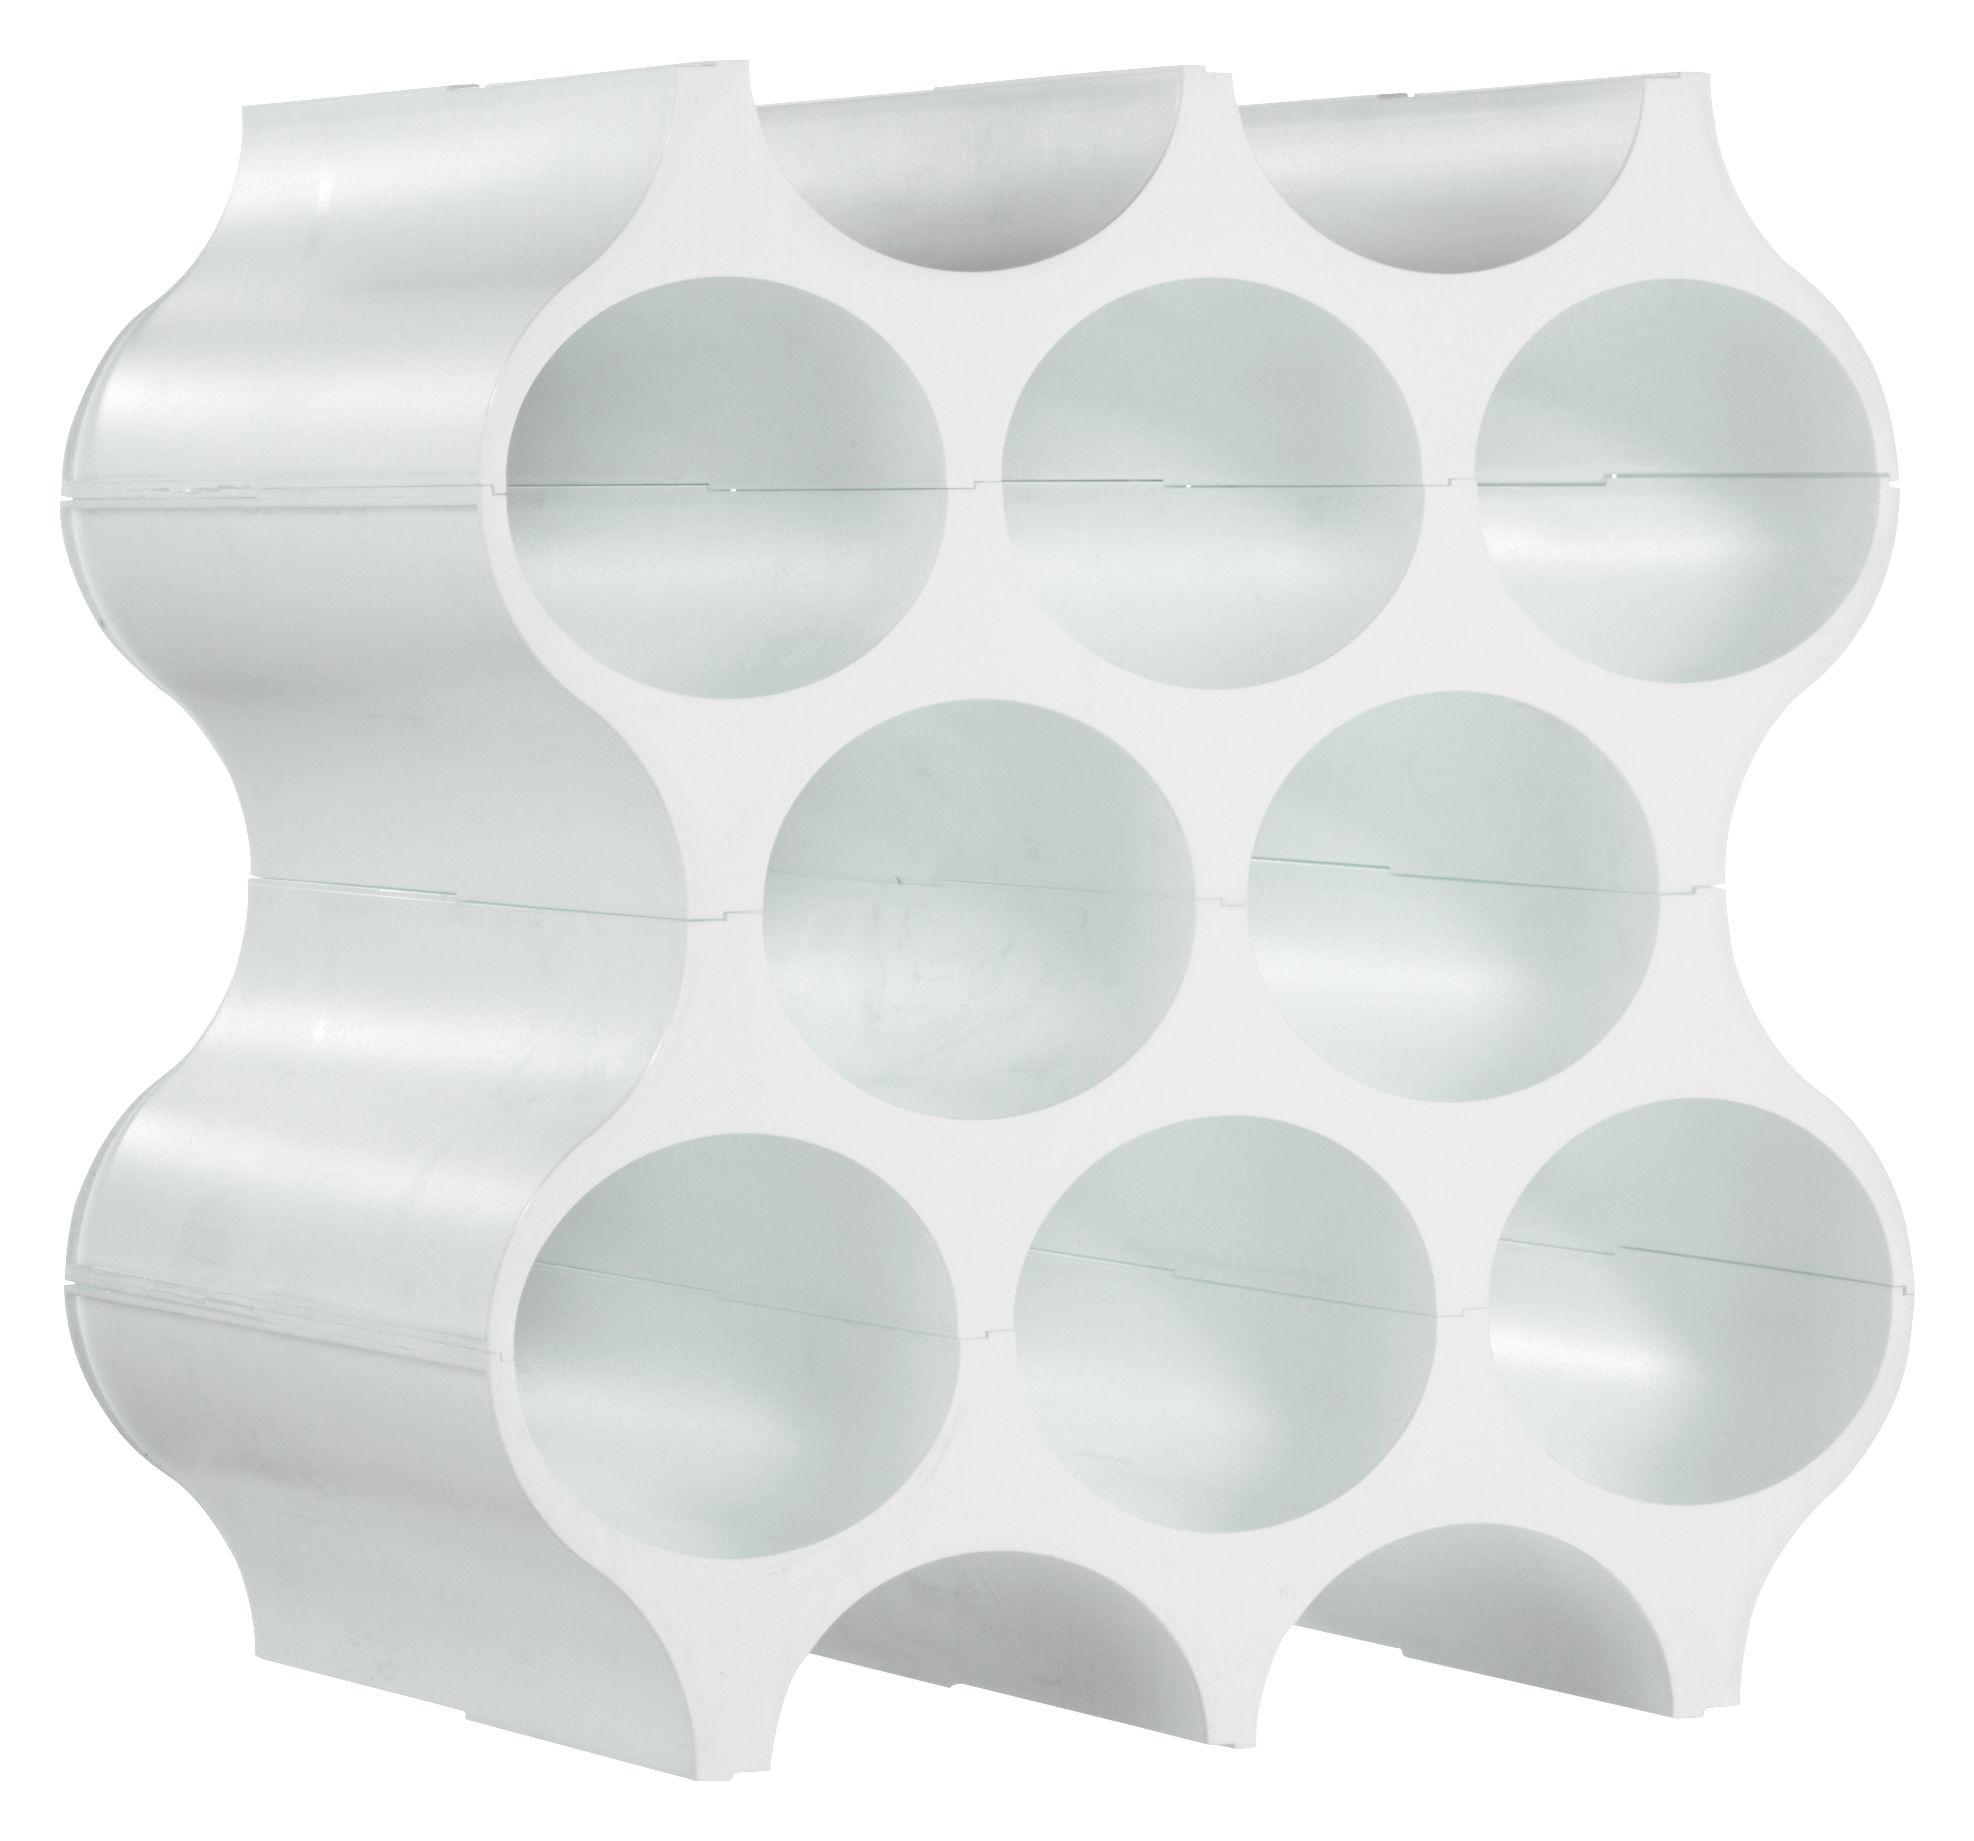 Tavola - Bar, Vino, Aperitivo - Portabottiglie Setup di Koziol - Bianco - Plastica